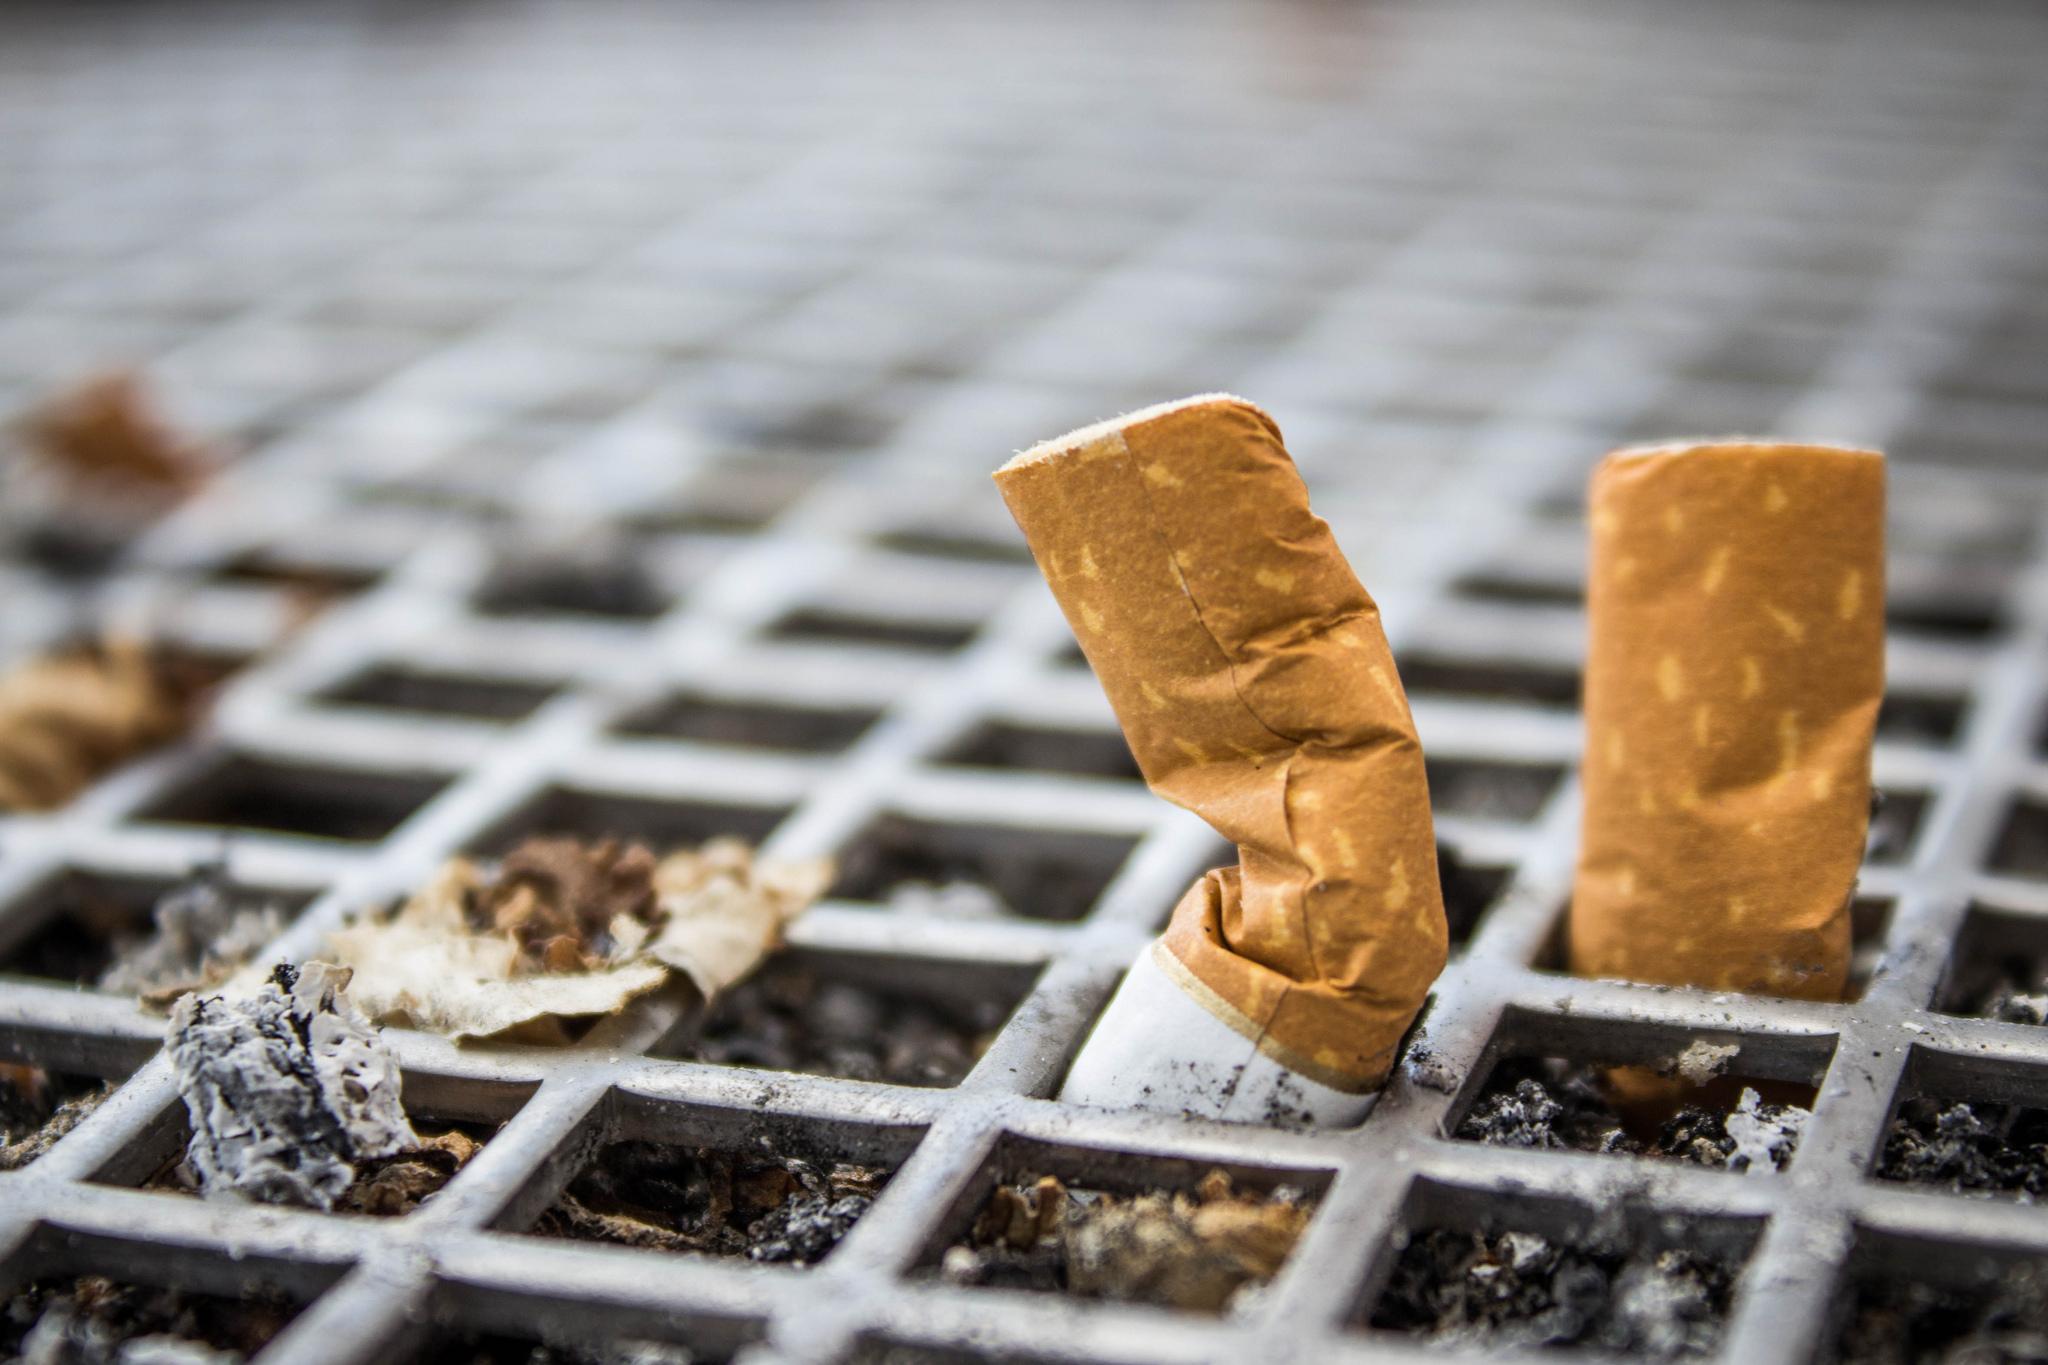 Christian Schmidts Pläne zum Verbot der TabakweChristian Schmidts Pläne zum Verbot der Tabakwerbung kommen nicht voran.rbung stecken fest.